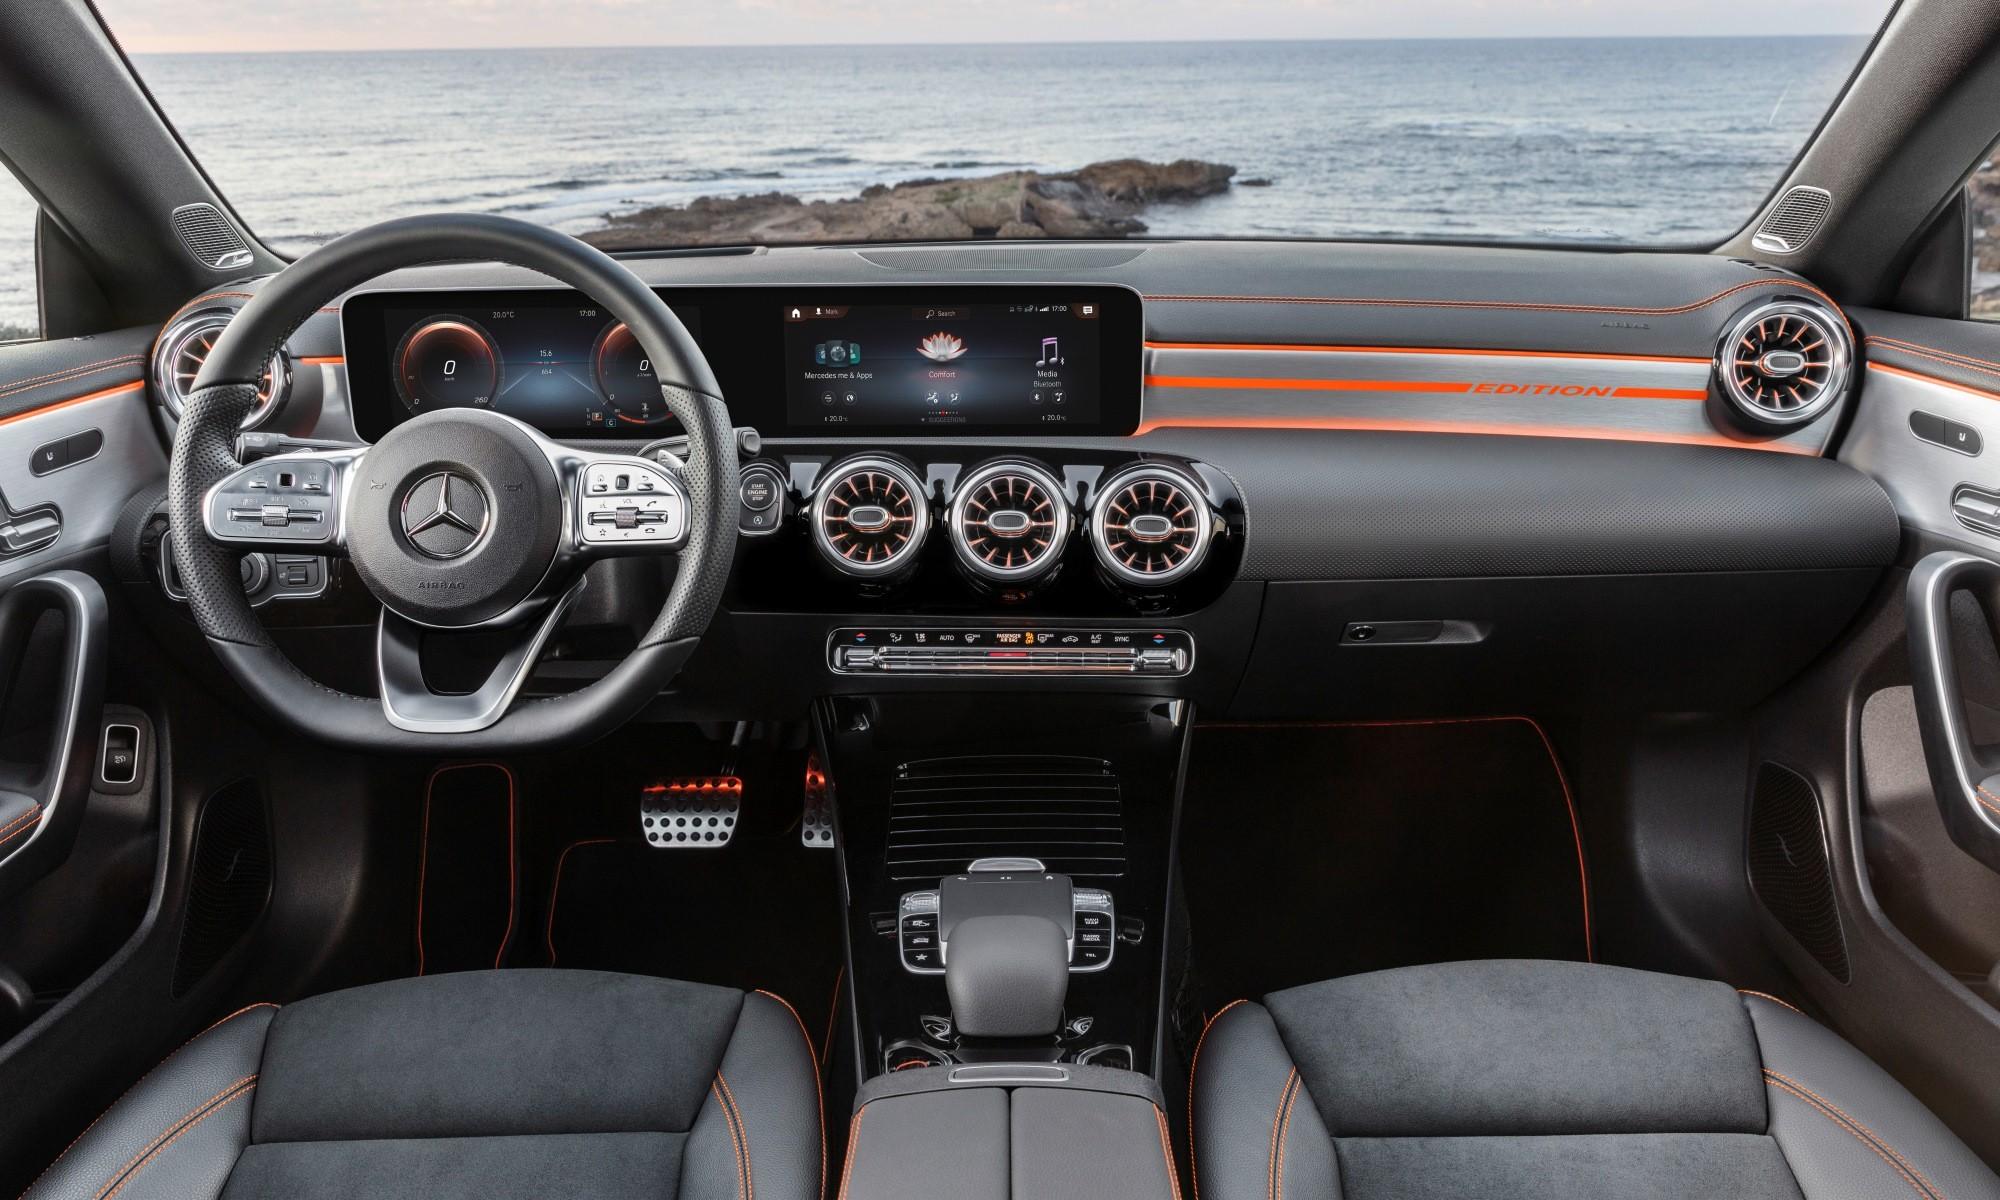 New Mercedes-Benz CLA interior